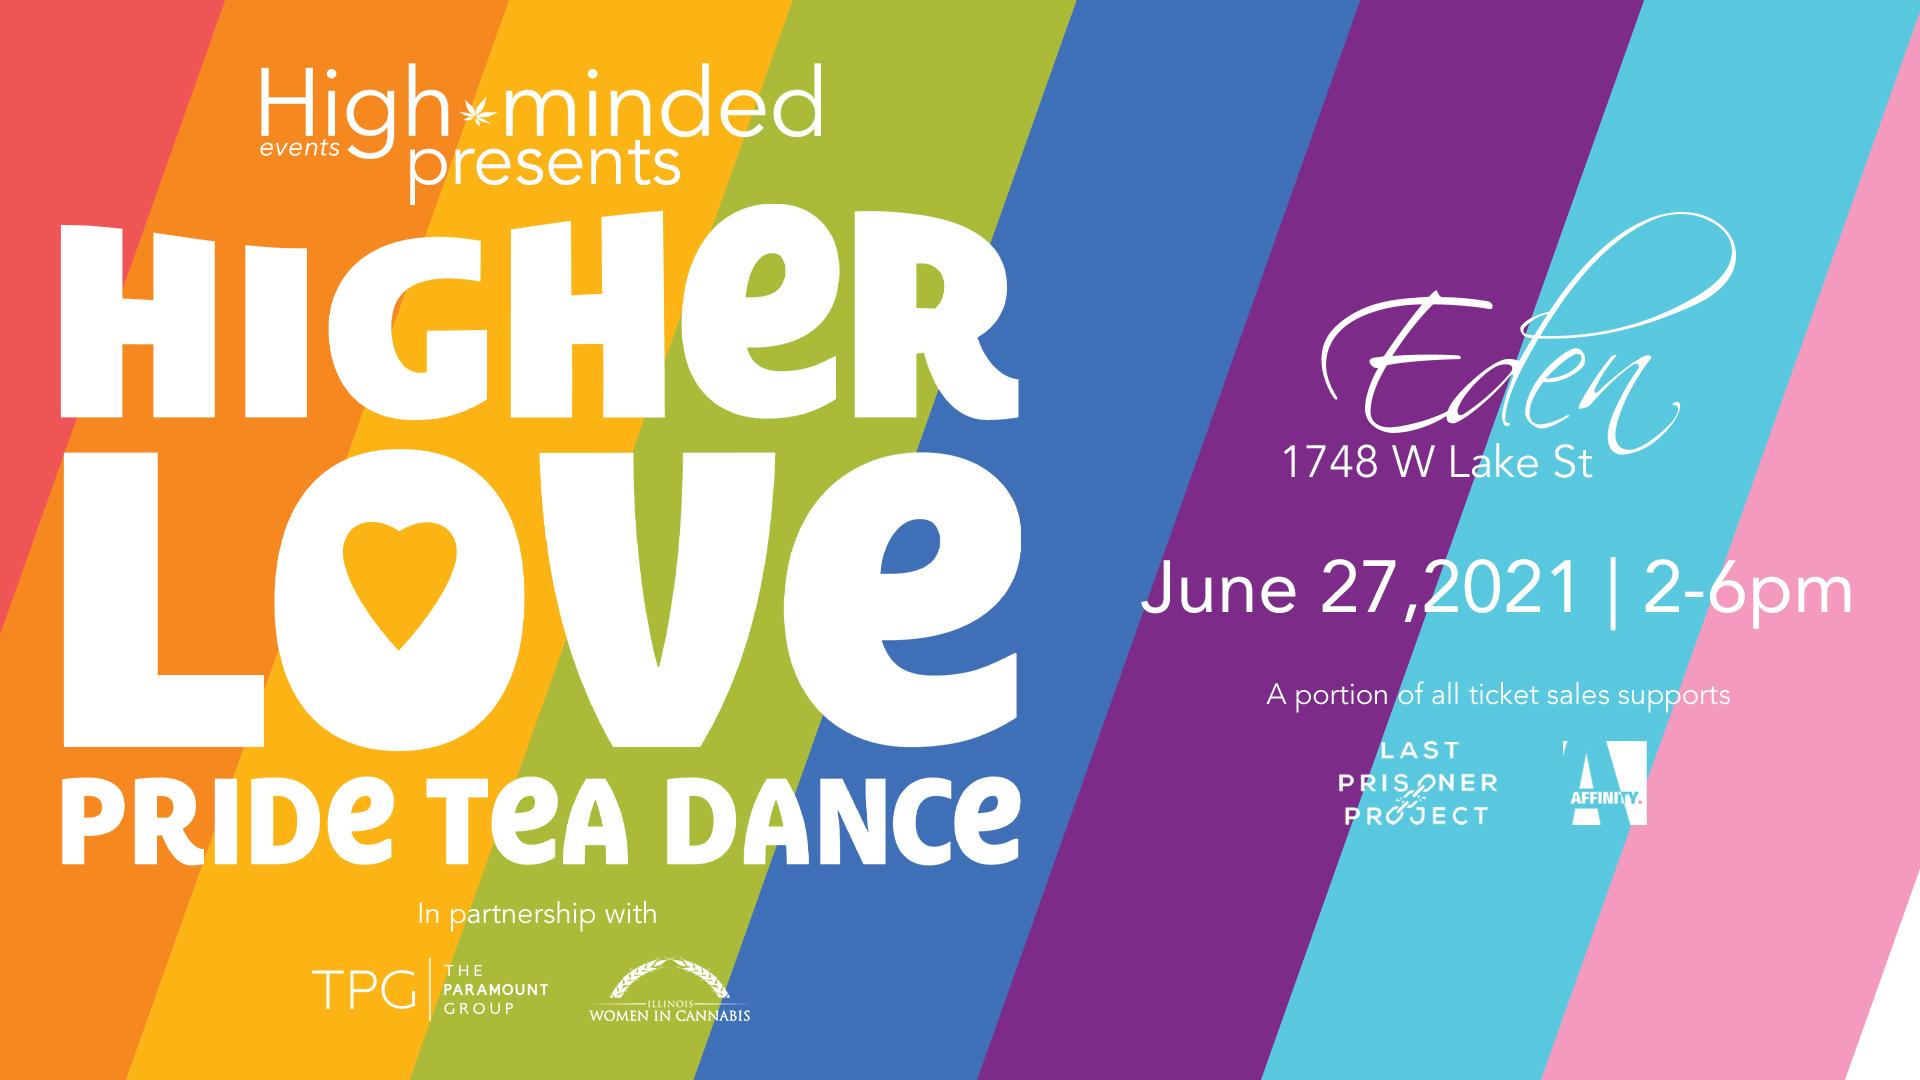 Higher Love - Pride Tea Dance